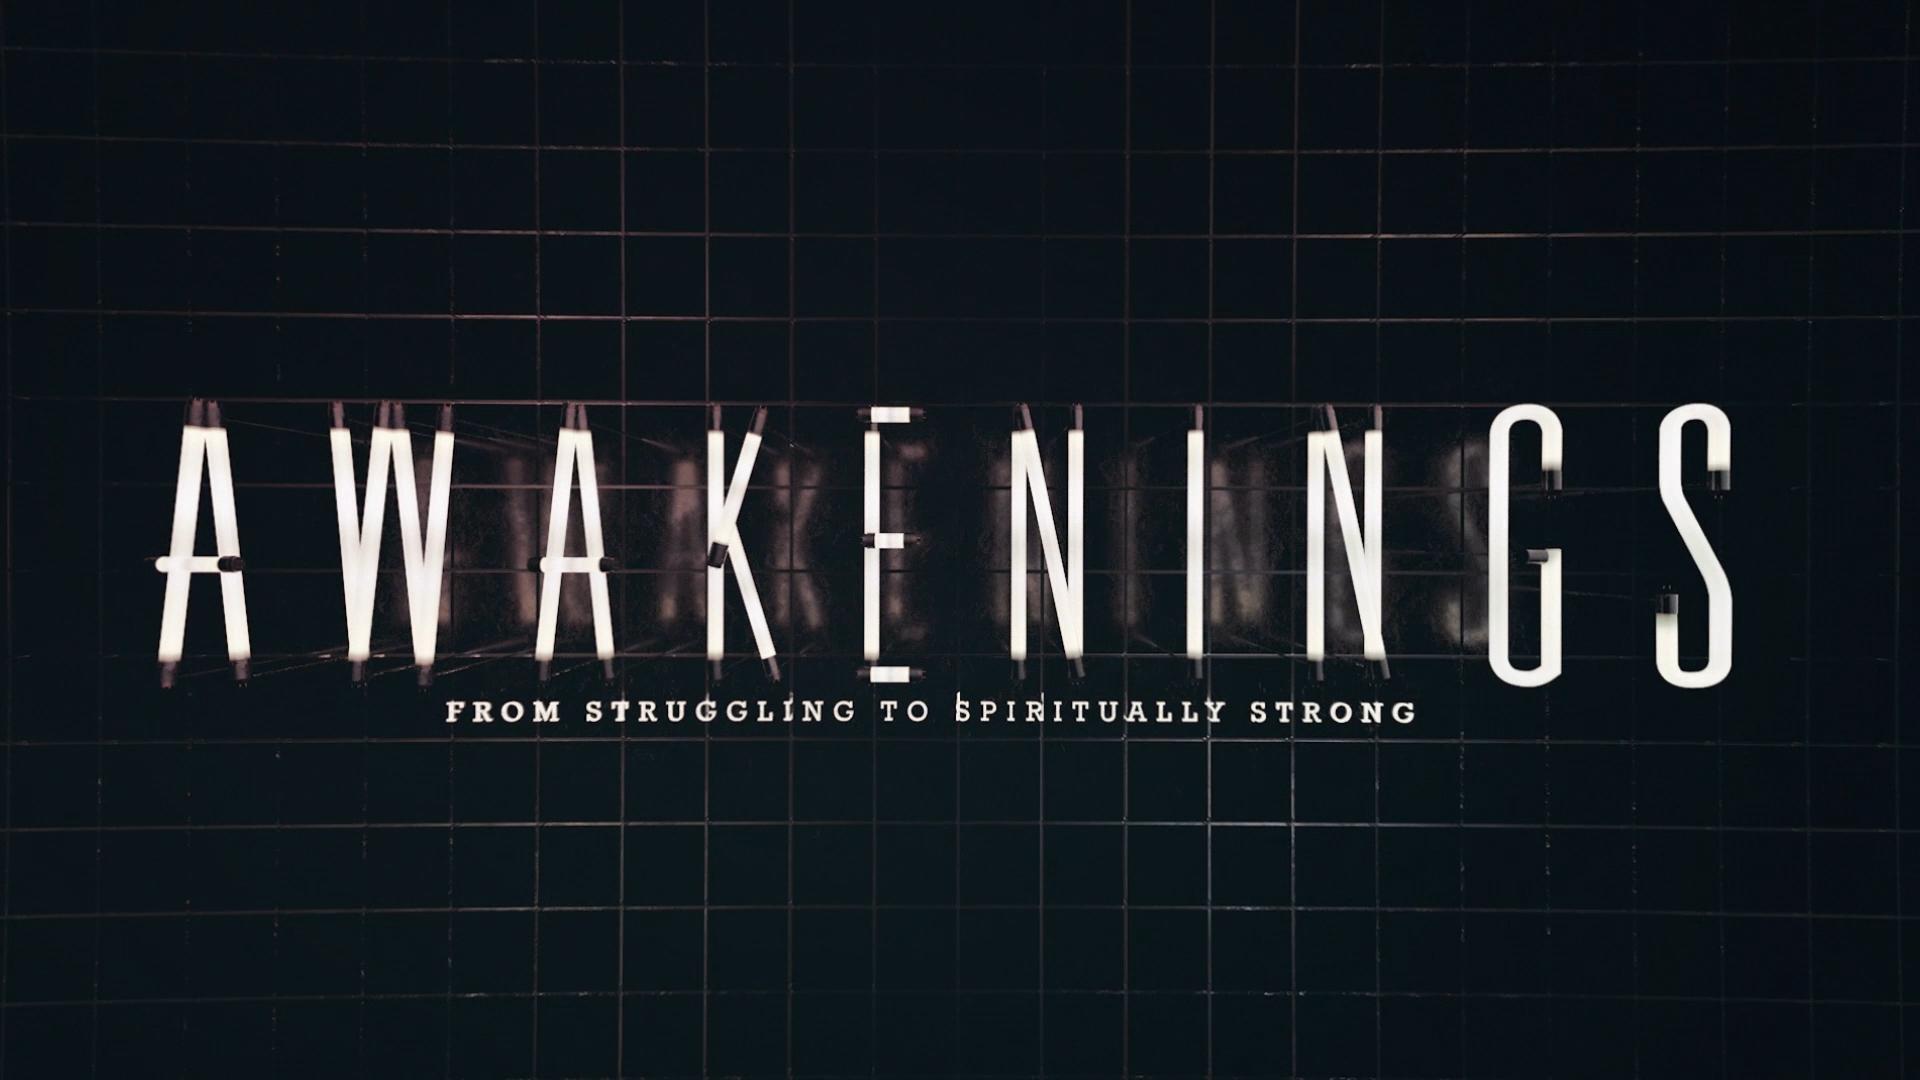 Awakening_Title_FS